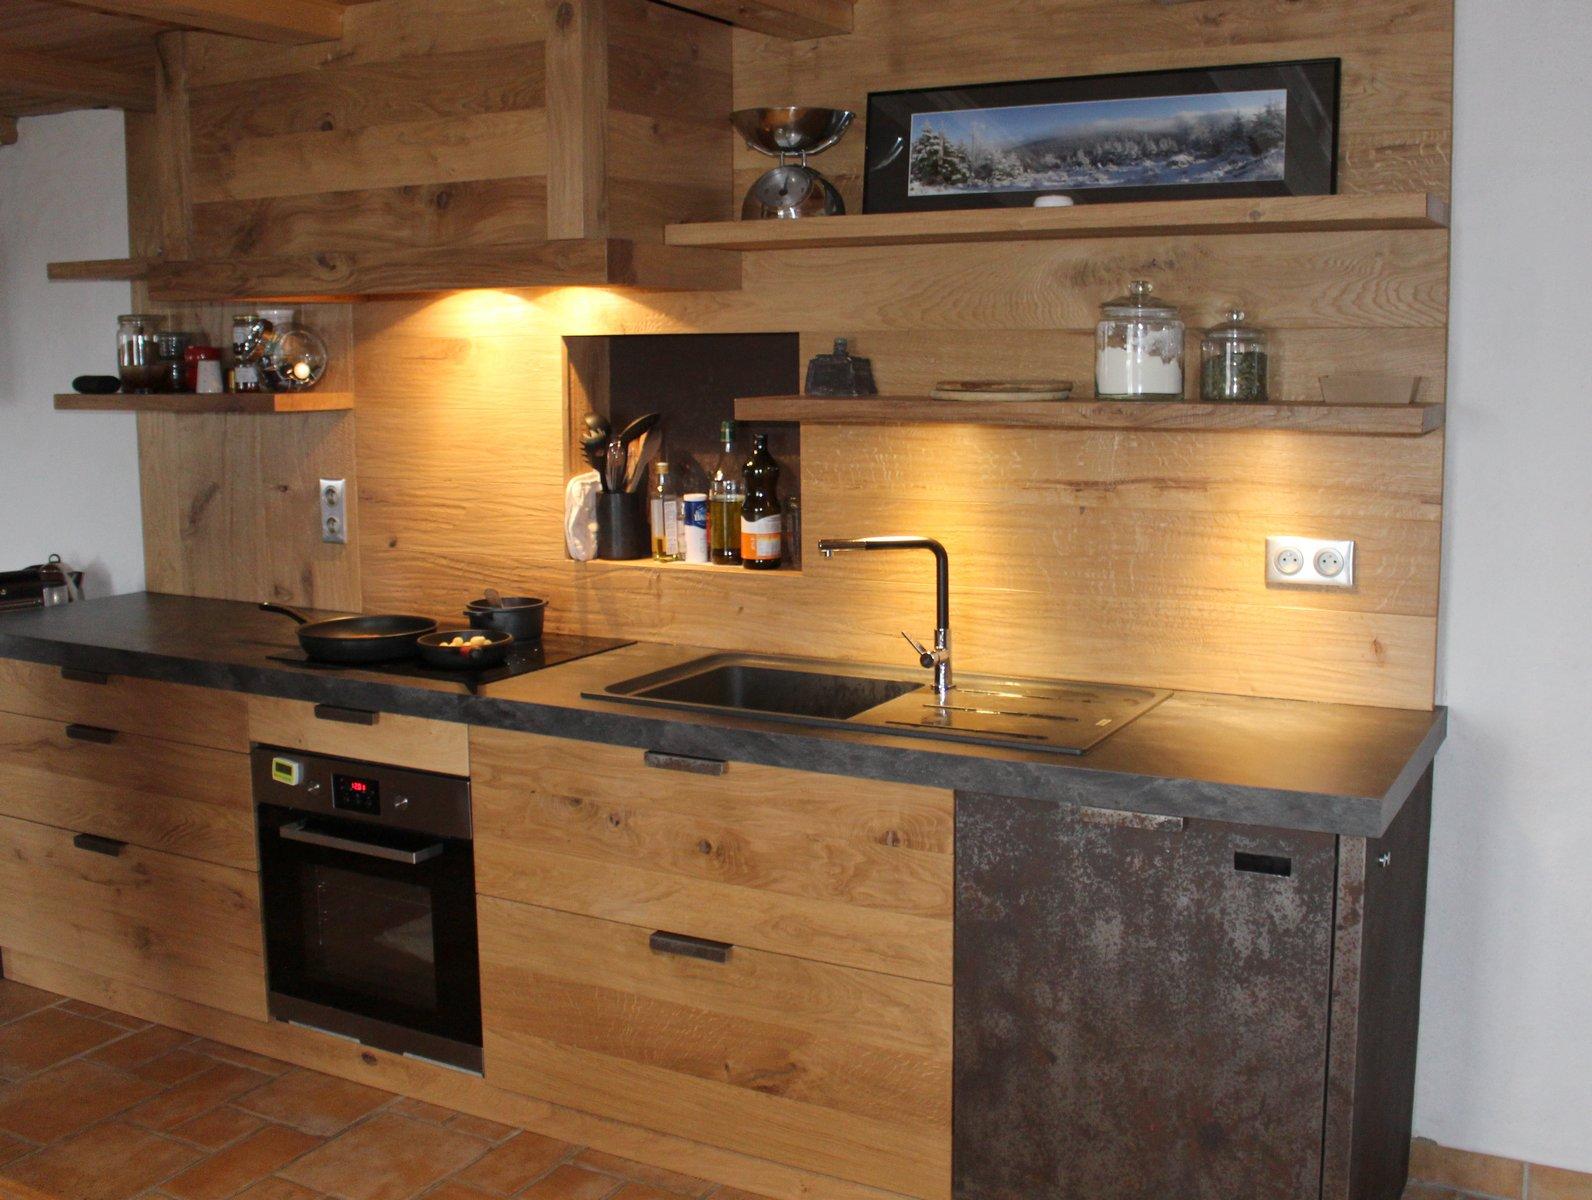 le vieux bois quand la poutre se fait meuble menuiserie agencement gerard fabrication de cuisine salle de bain placard la bresse gerardmer